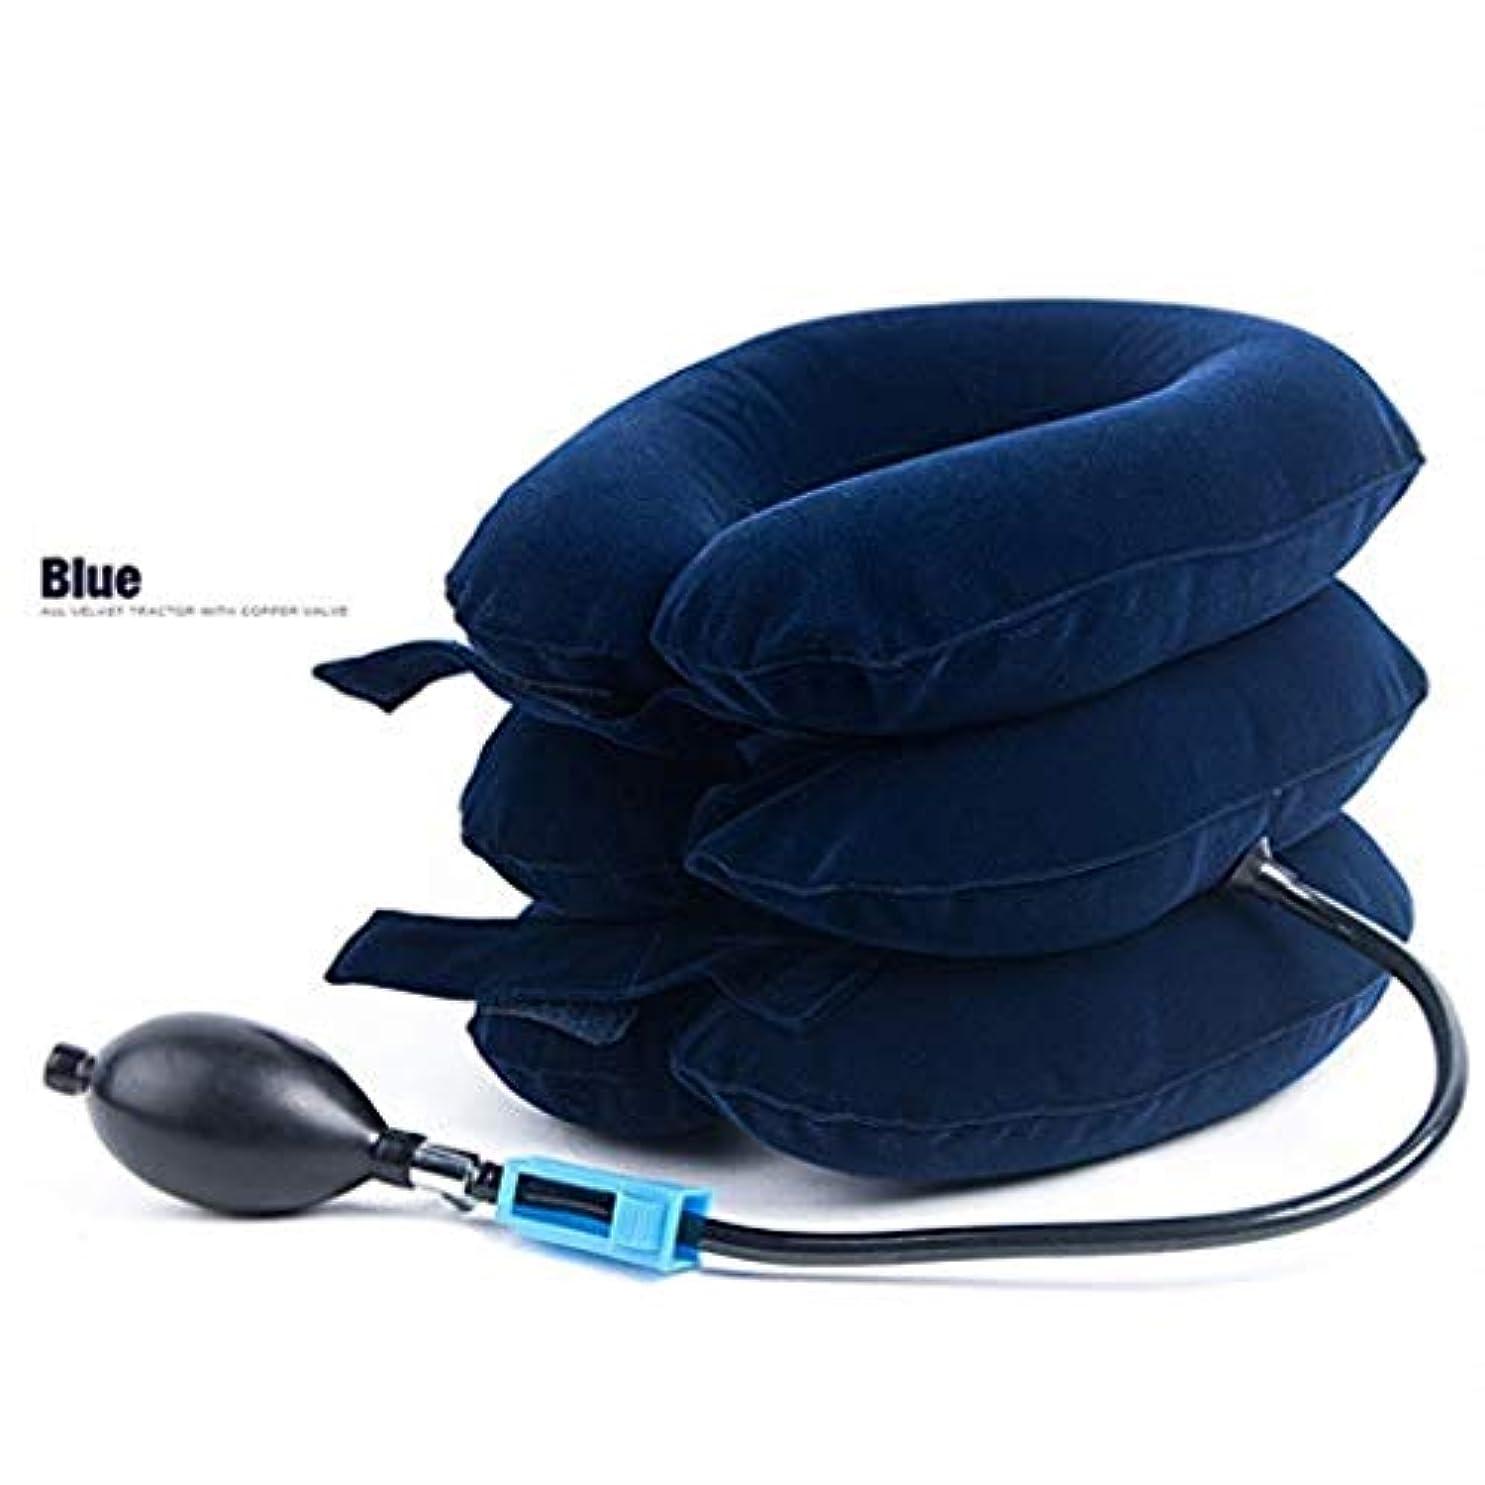 落ち込んでいるおなかがすいた床を掃除する首のマッサージャー、膨脹可能なマッサージの首の枕、頚部頚部牽引装置、背部/肩の首のマッサージャー、ヘルスケア (Color : Biue)